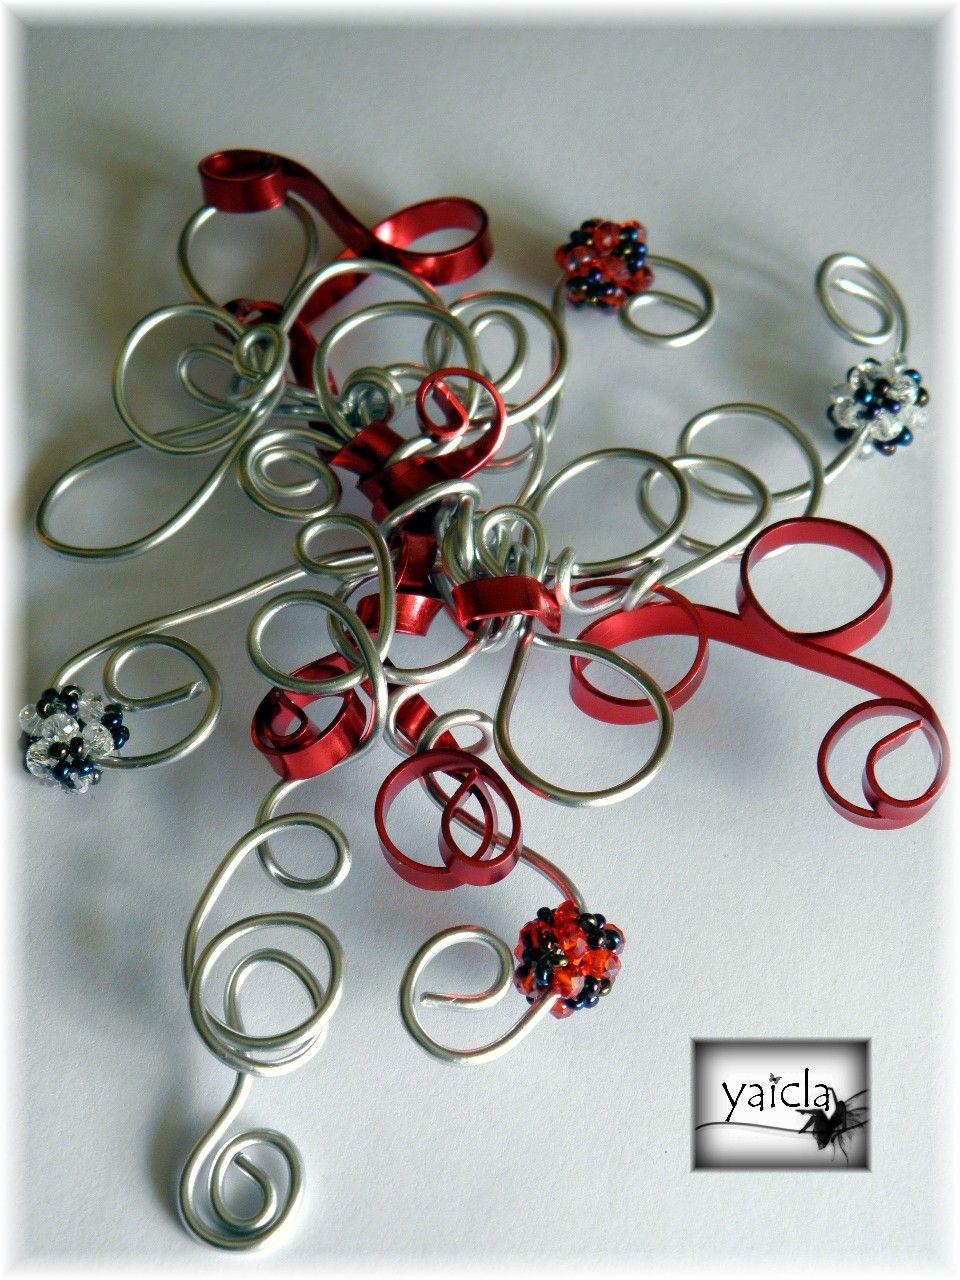 tocado en hilo de aluminio,plata y rojo,con cristales en swarosky blanco y rojo